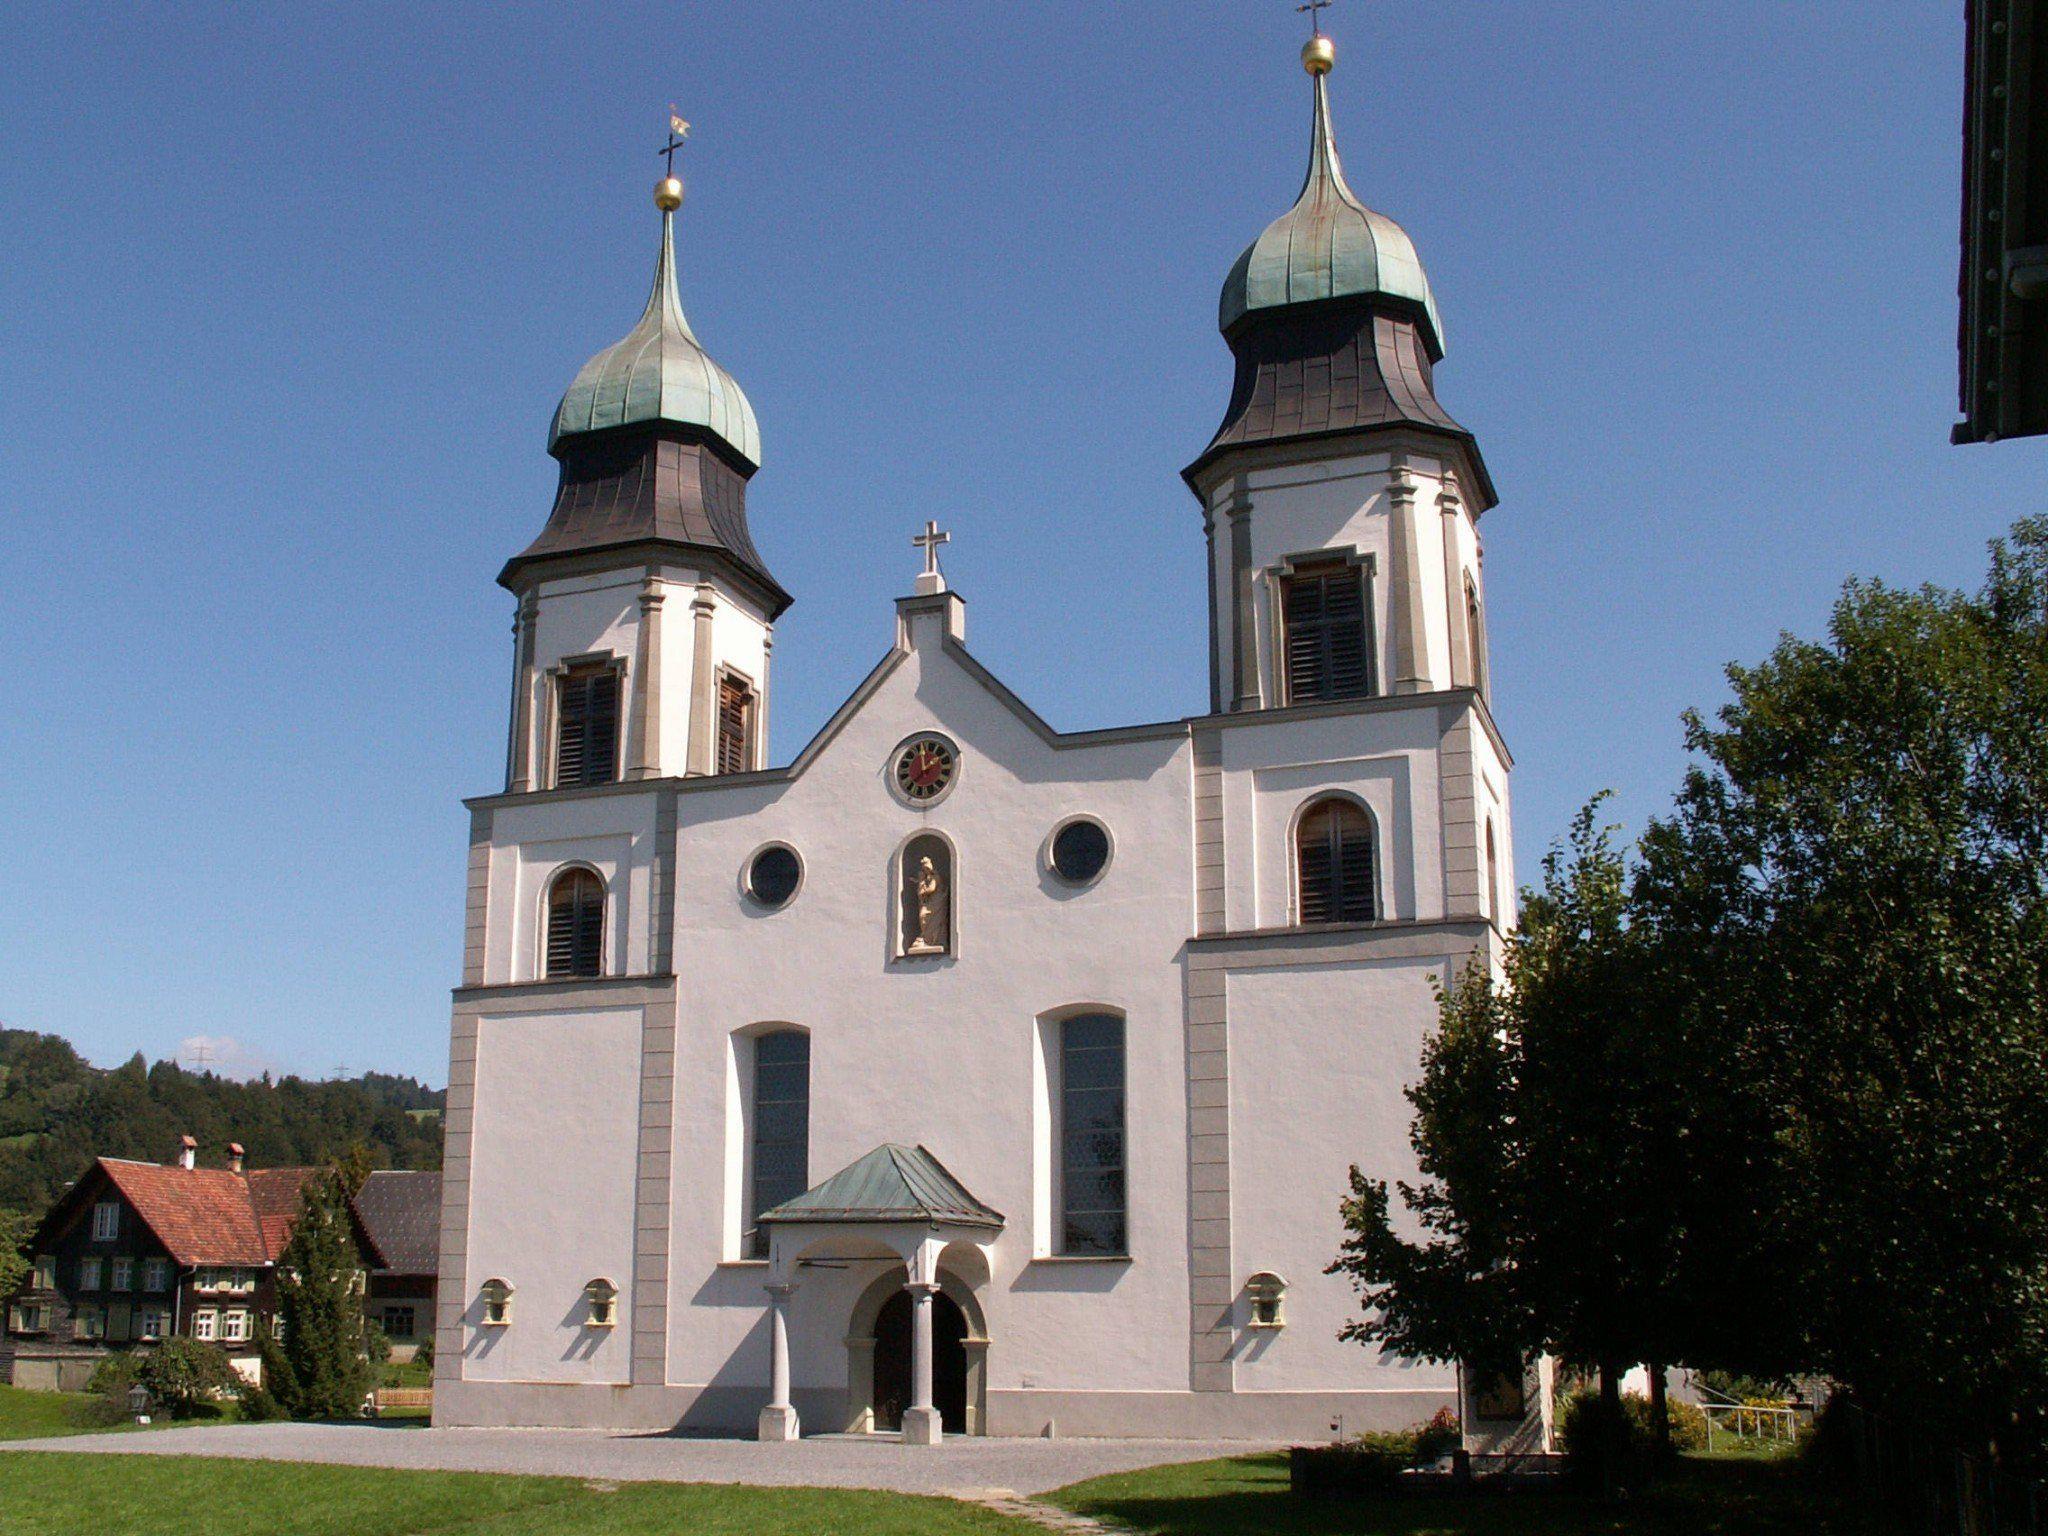 Am Sonntag, den 16. Juni findet in der Pfarrkirche ab 19 Uhr ein Benefizkonzert statt.